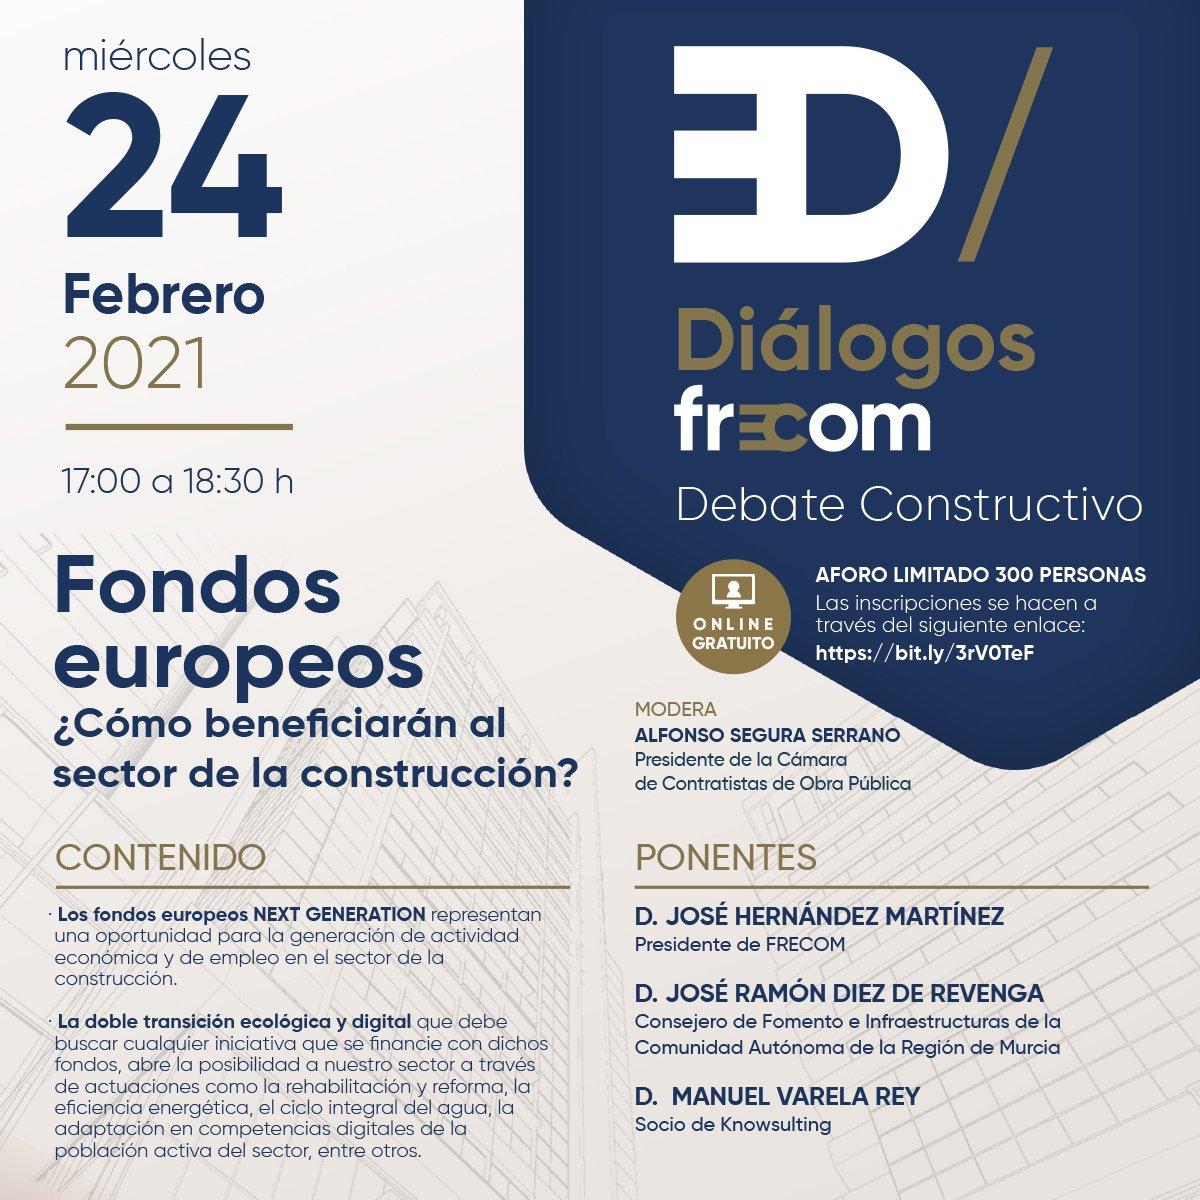 Una nueva edición de 'Diálogos FRECOM' aborda los Fondos Europeos de recuperación y sus beneficios para el sector de la construcción 1 FRECOM